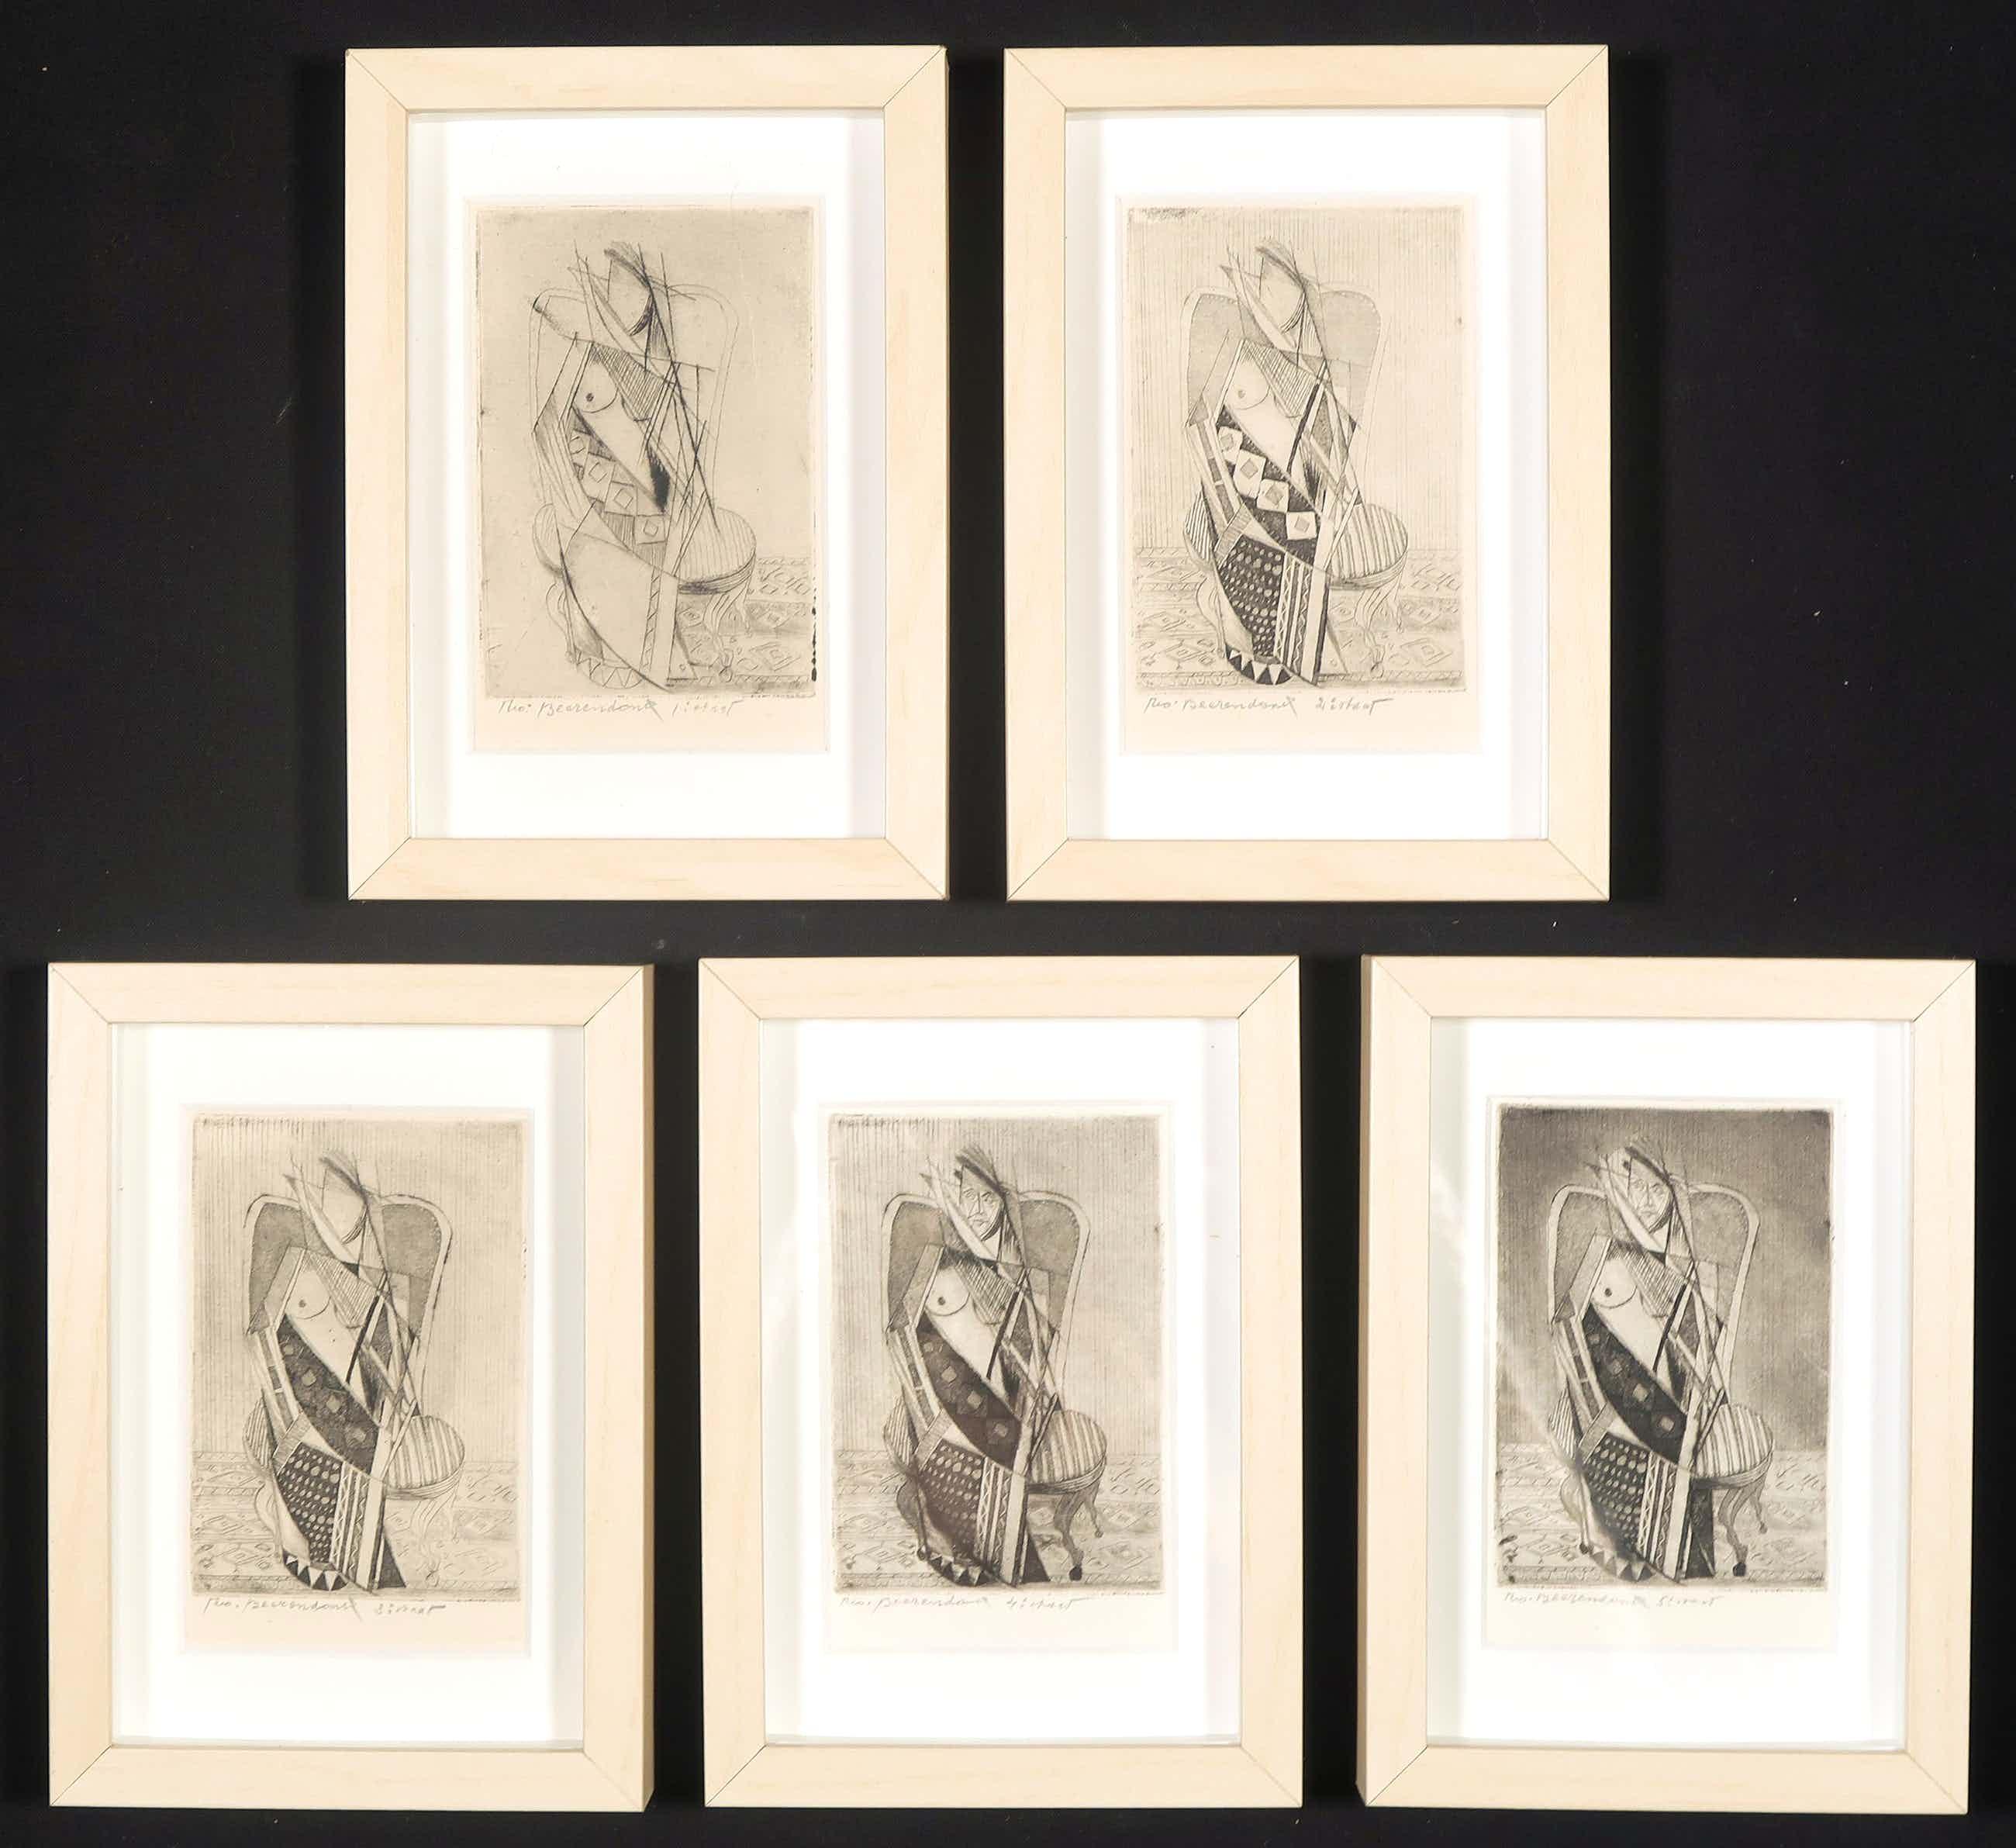 Theo Beerendonk - 5 etsen in kubistische stijl - Ingelijst kopen? Bied vanaf 170!